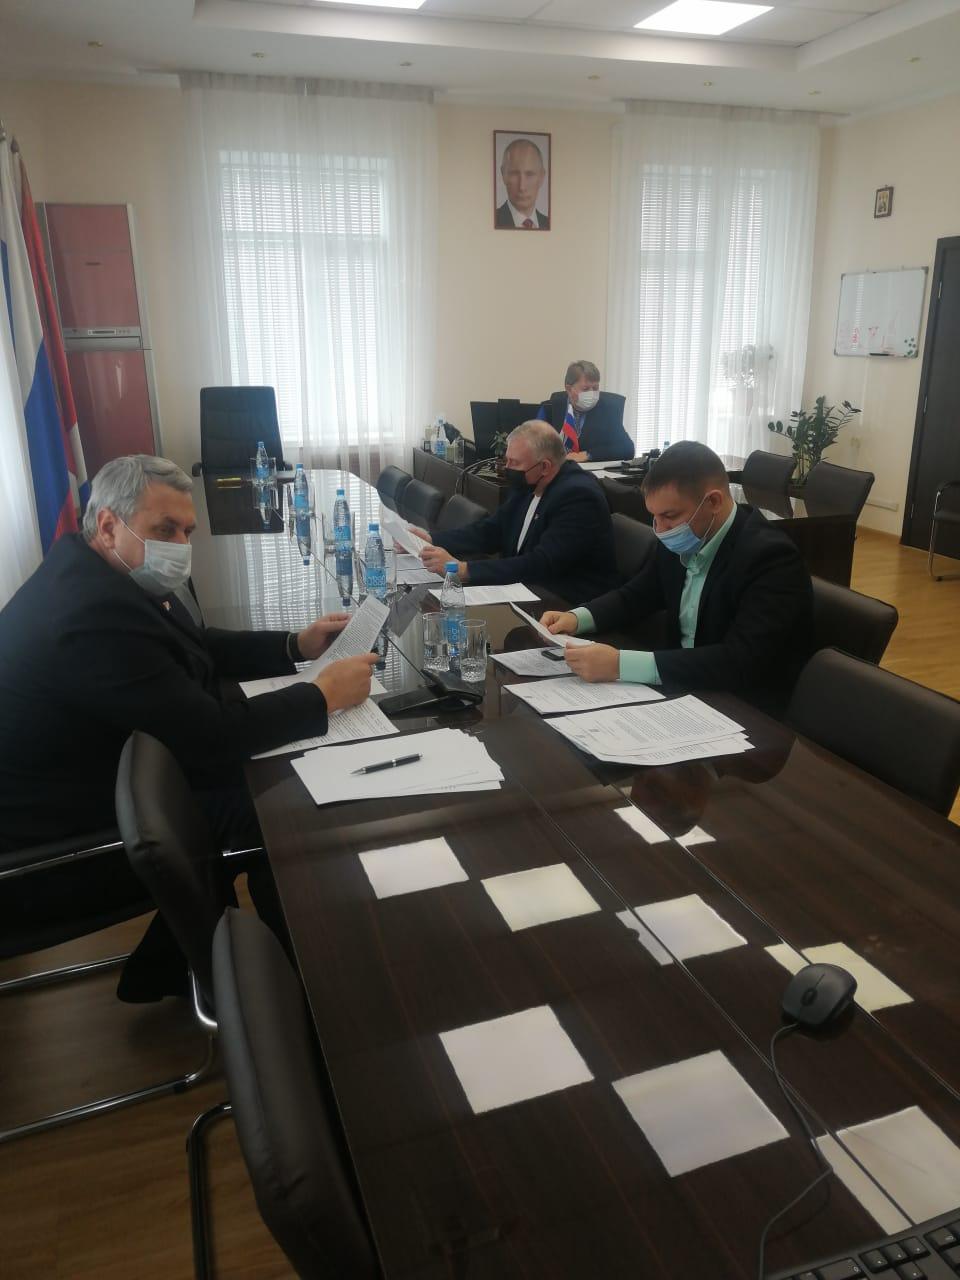 Сегодня на внеочередном заседании Думы депутаты рассмотрели 14 вопросов.